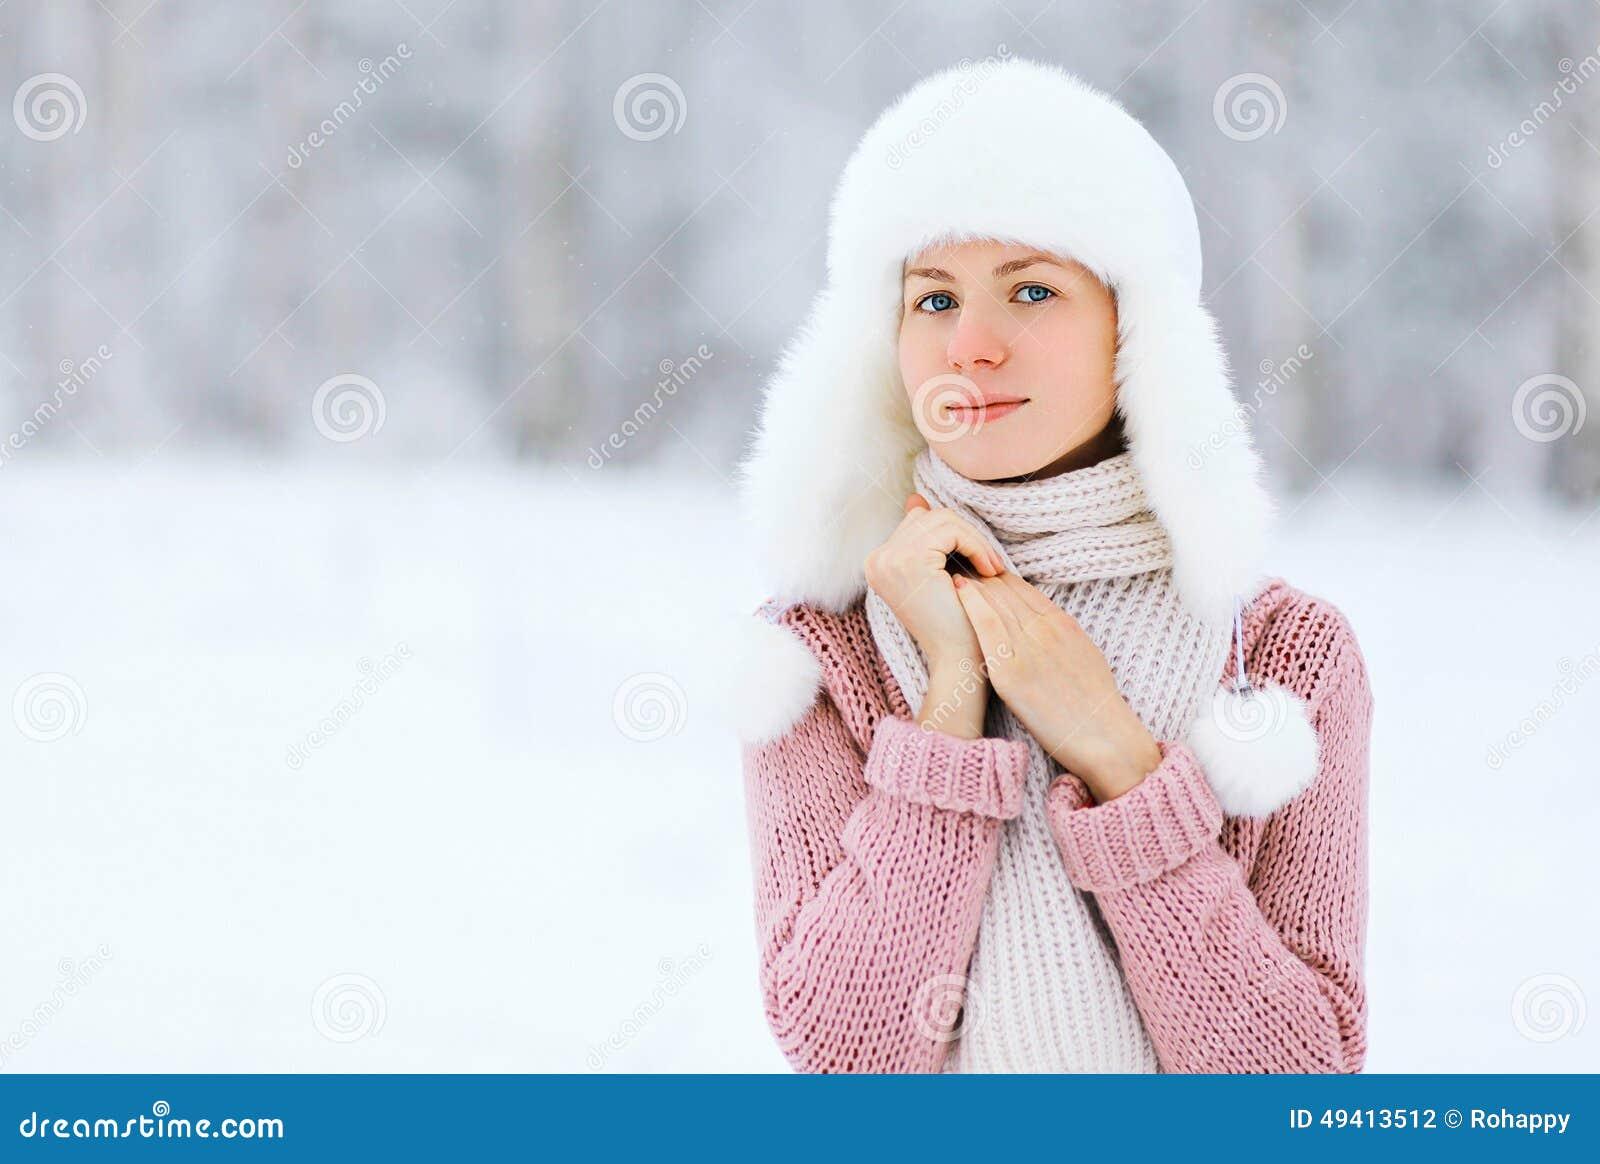 Download Porträt Einer Hübschen Frau Im Winter Stockfoto - Bild von glück, freizeit: 49413512